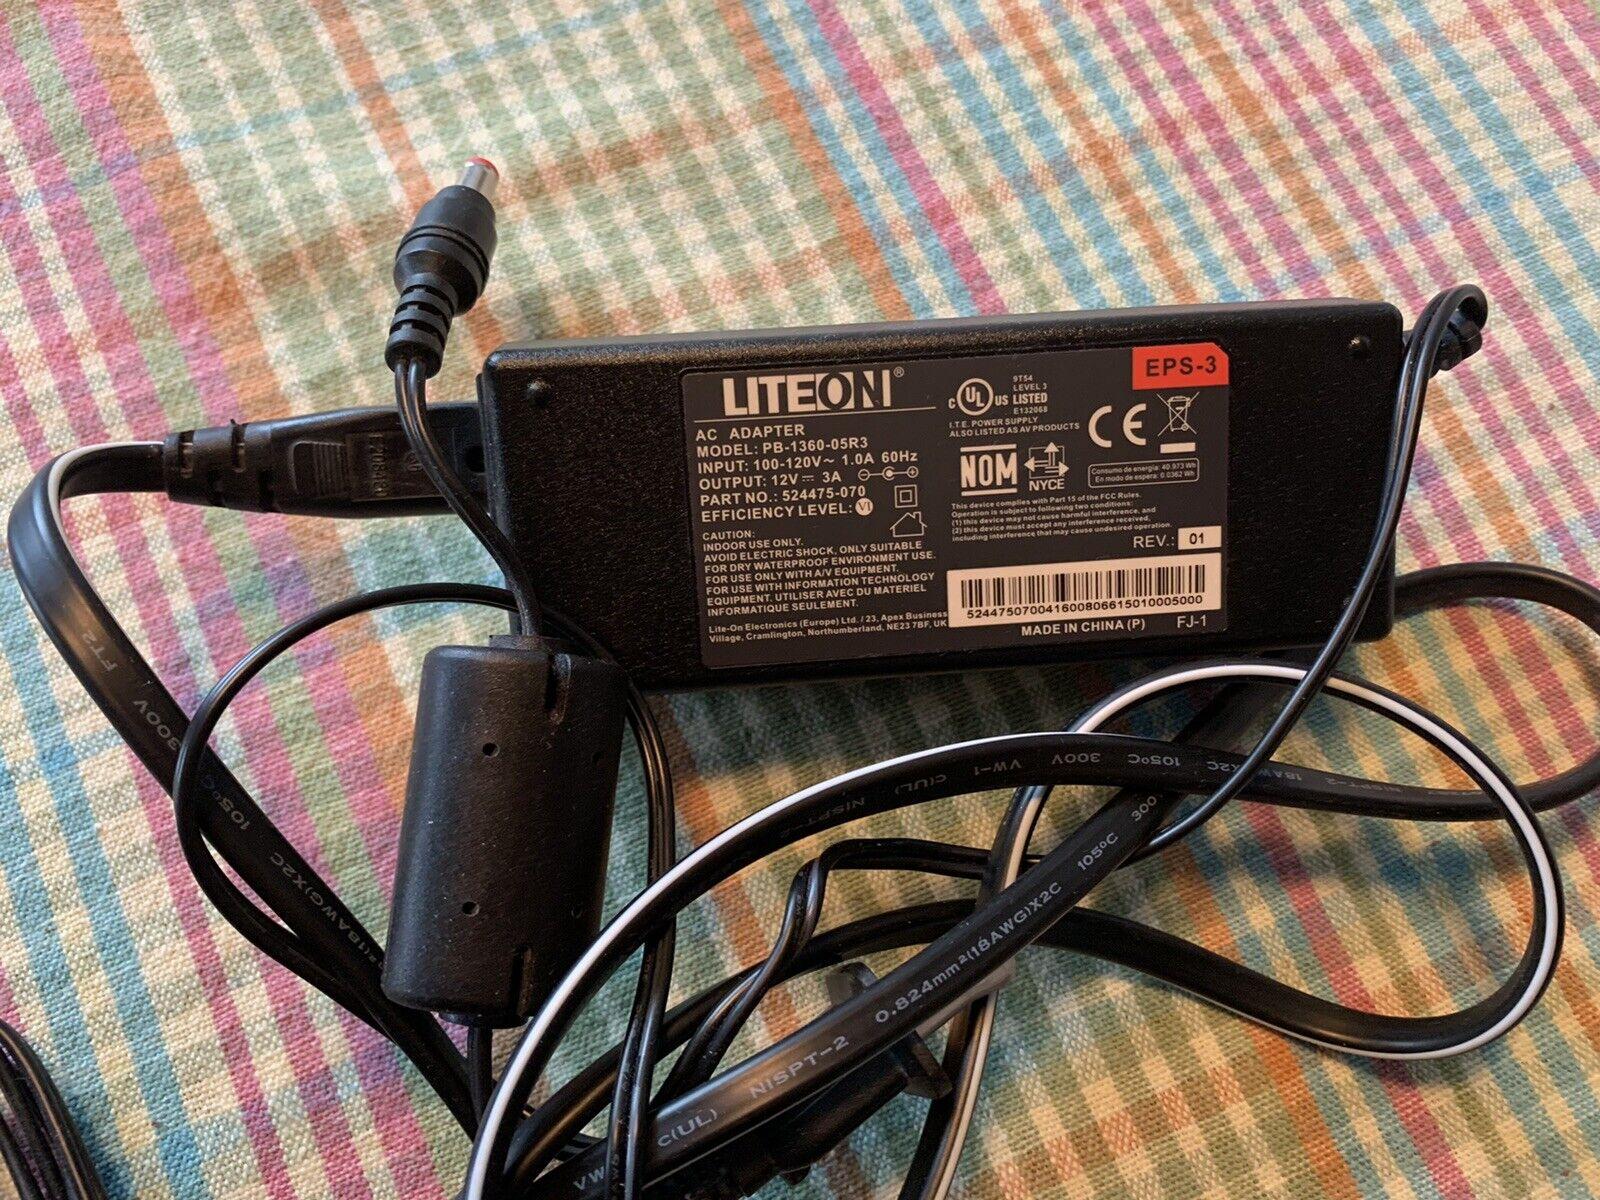 New LiteOn AC Adapter Model PB-1360-05R3 100-120V 60Hz 12V  - $4.99